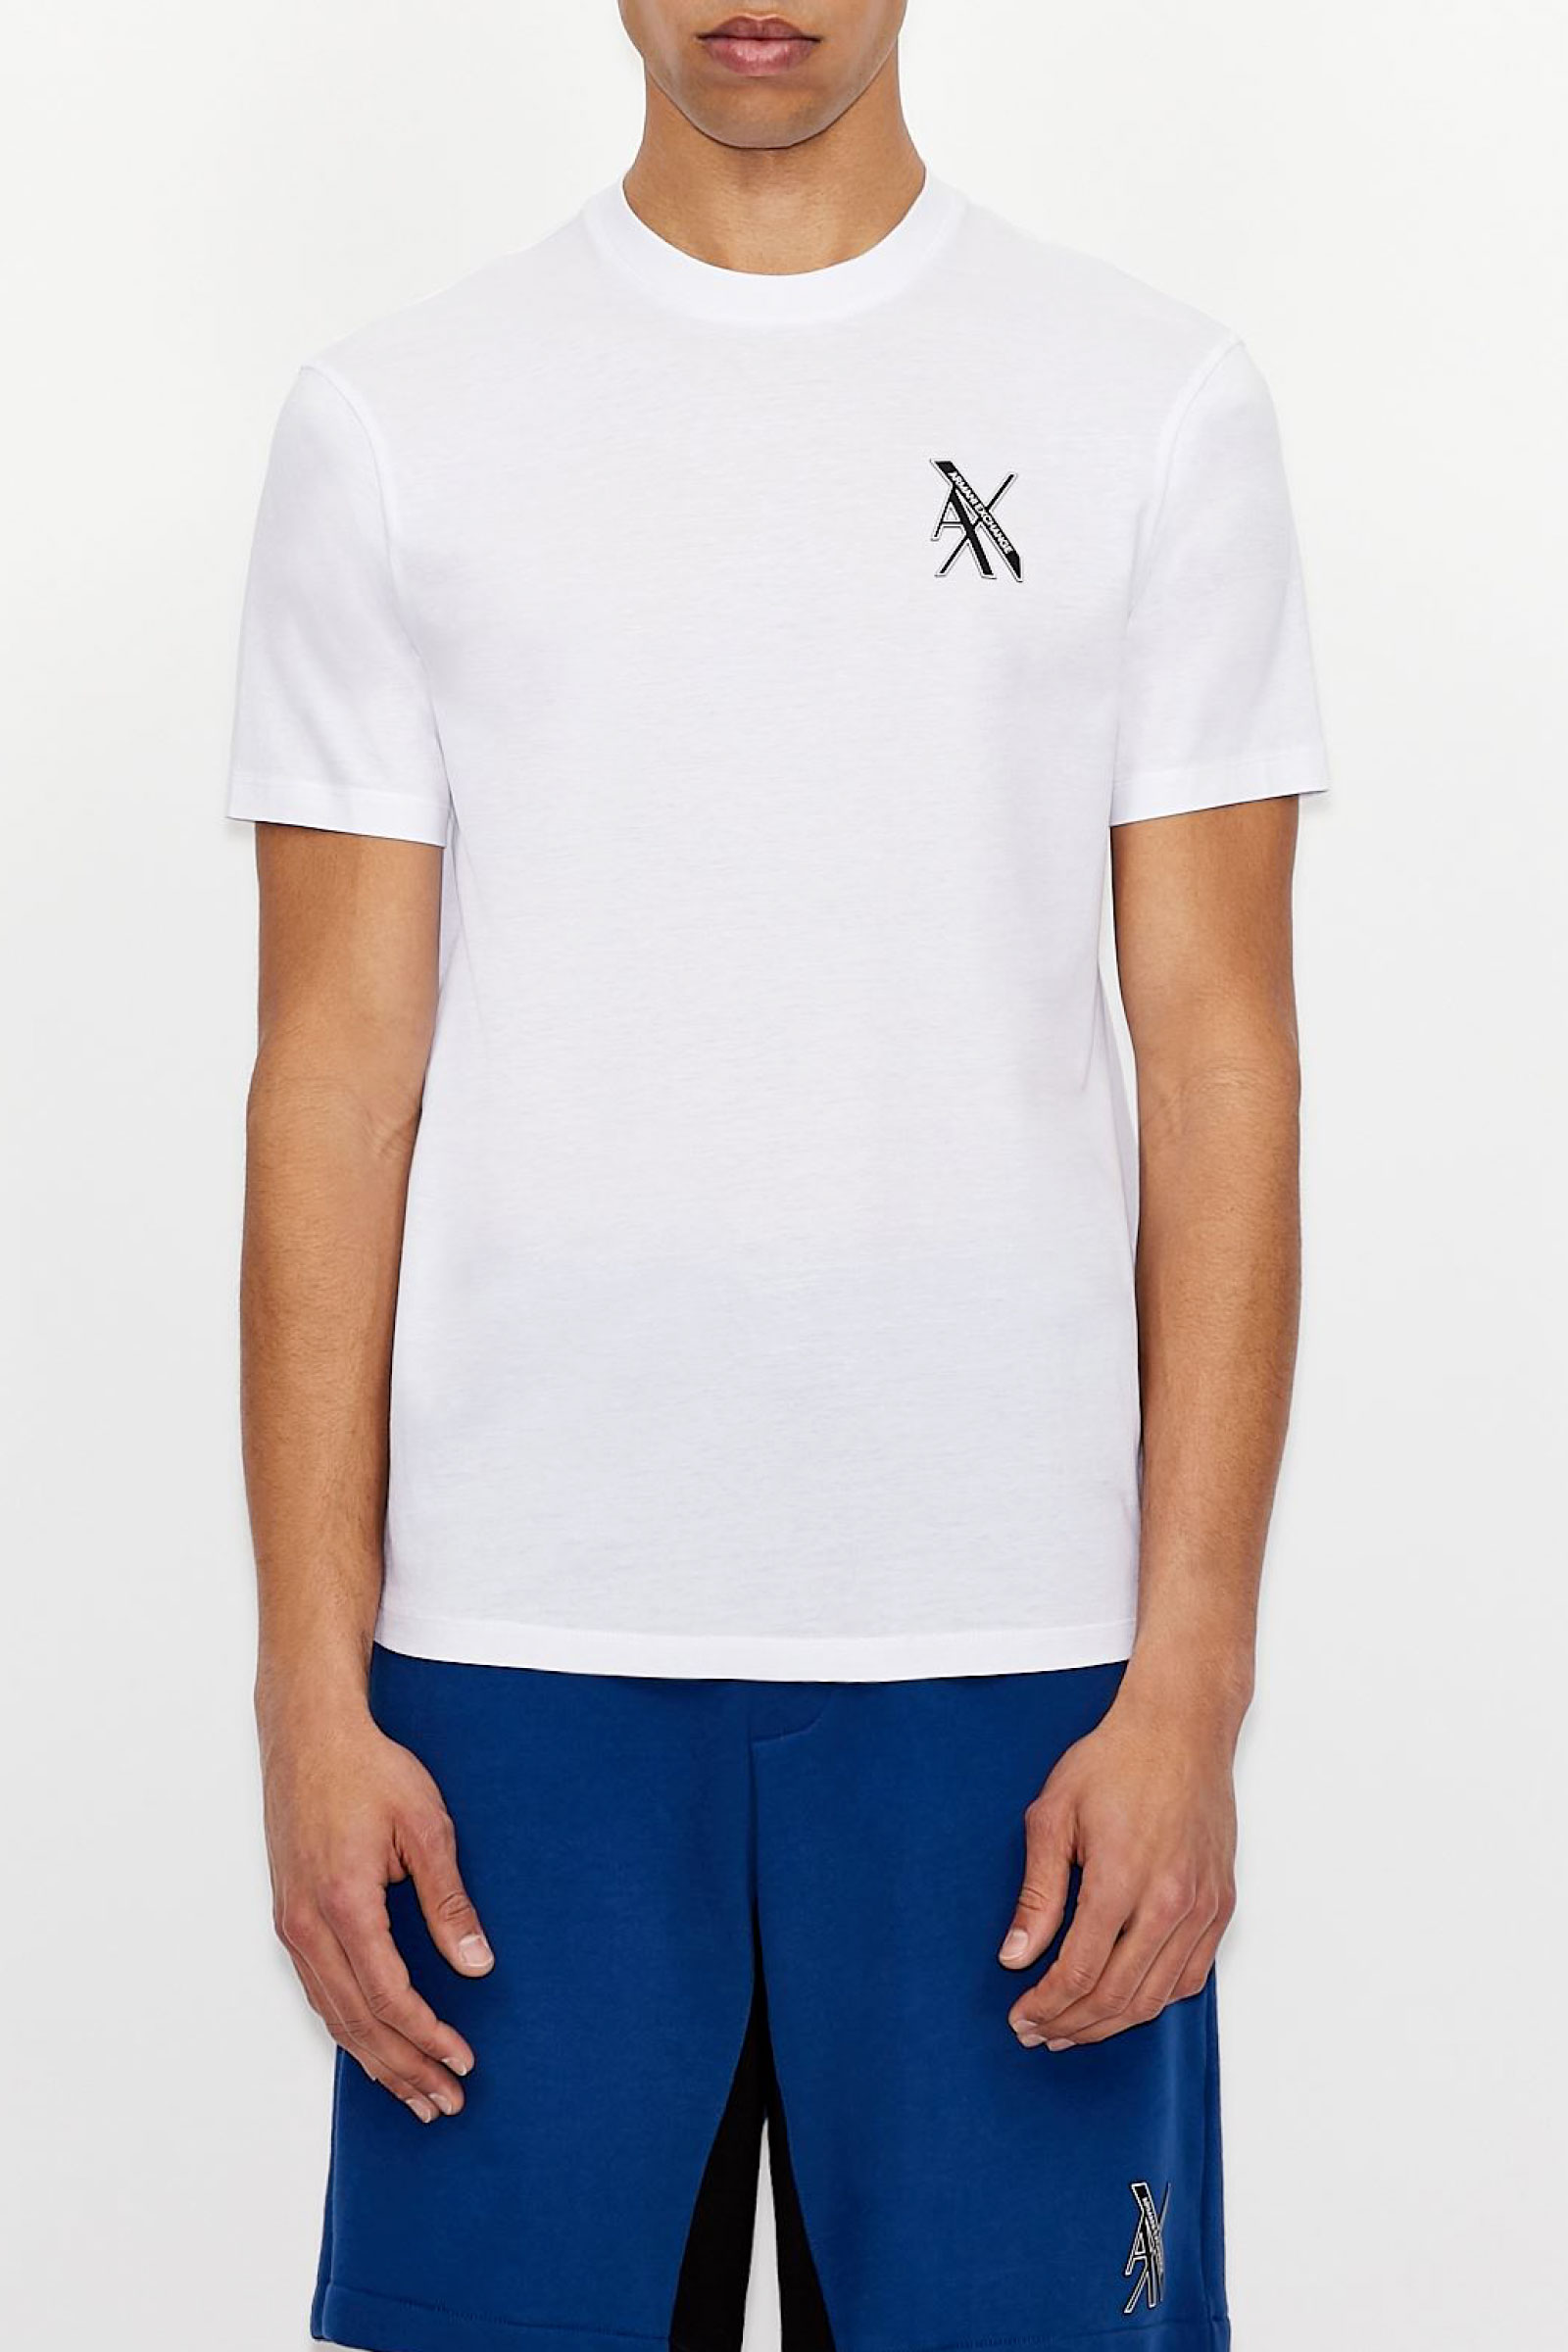 ARMANI EXCHANGE T-Shirt Uomo ARMANI EXCHANGE | T-Shirt | 3KZTLD ZJ9AZ1100